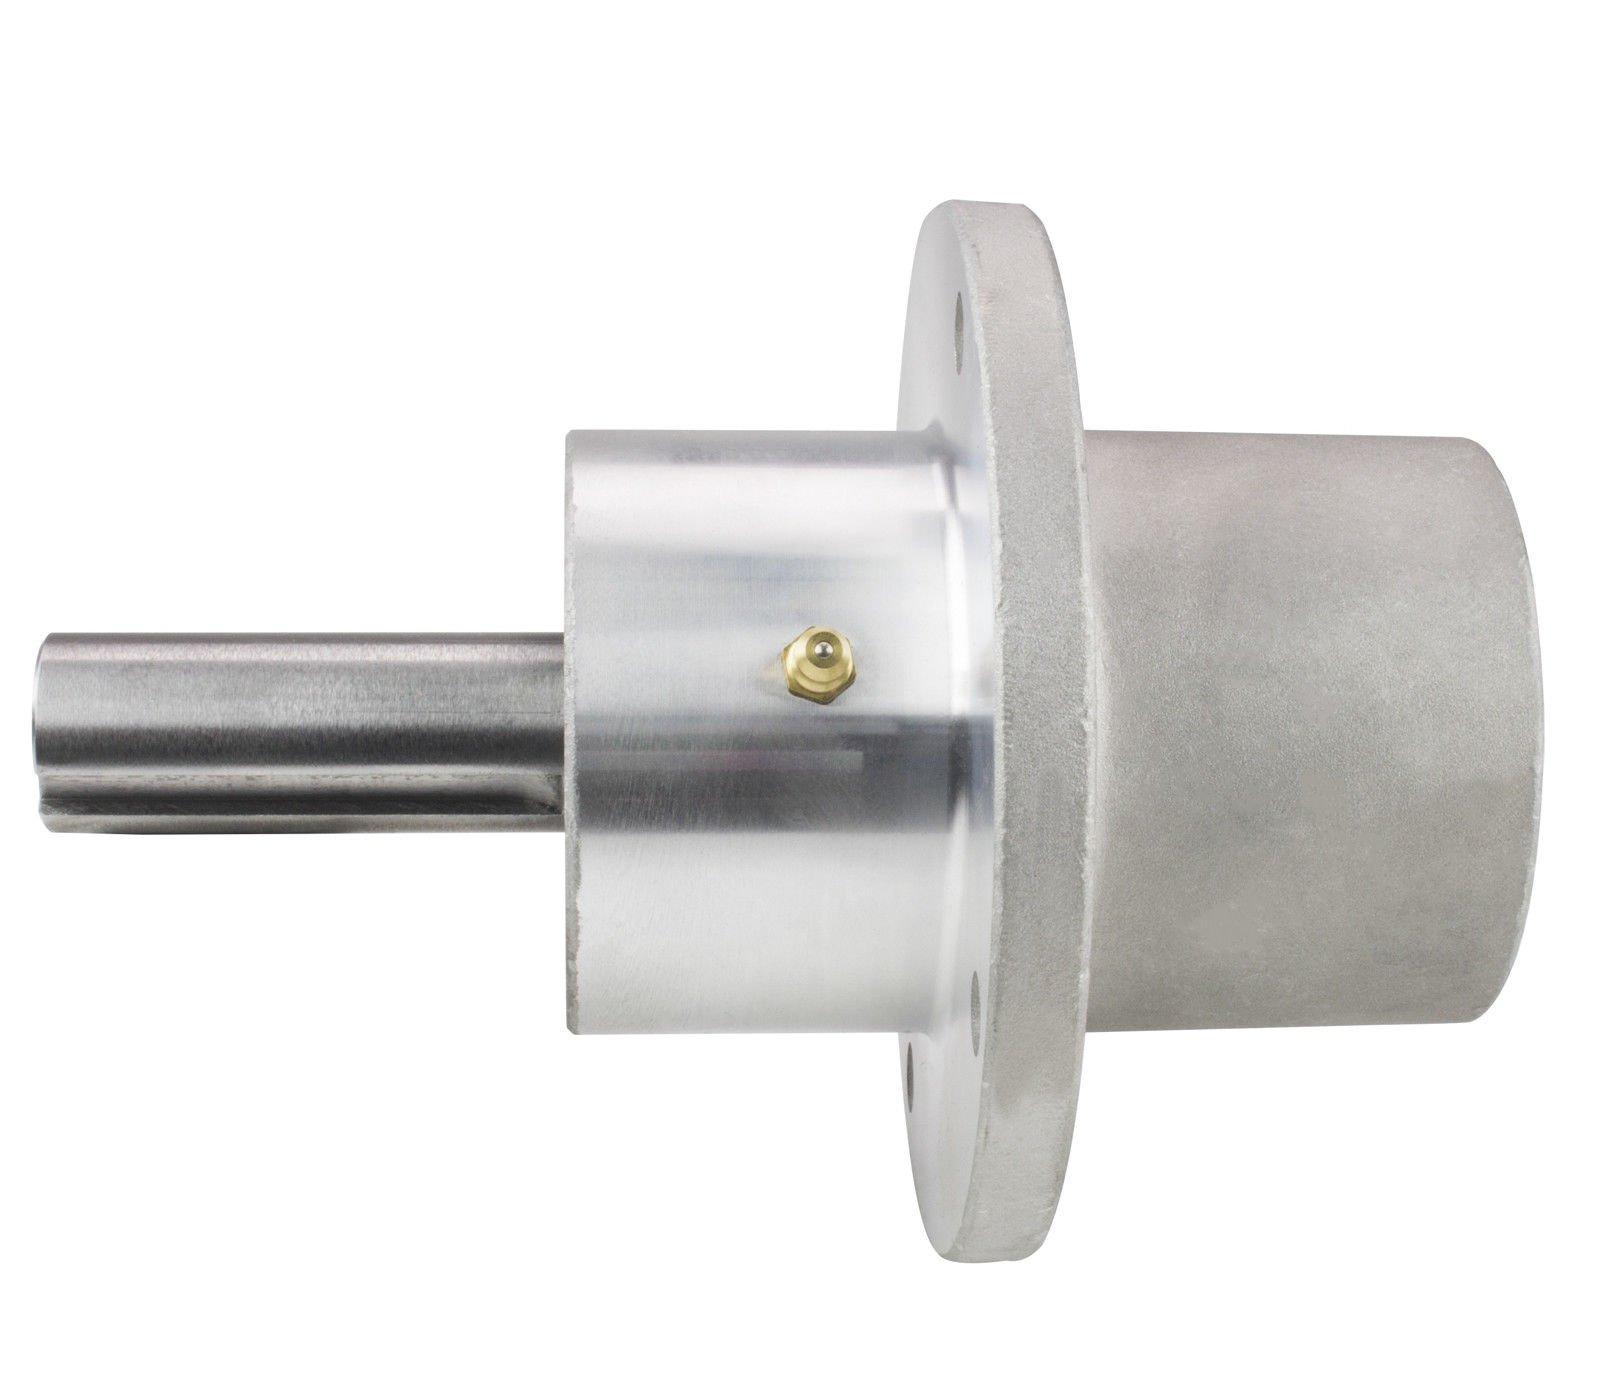 Lumix GC Spindle For Scag STT61V 27CH 27KA 29DFI 29DFI-LE 31EFI-SS 35BVAC Mowers